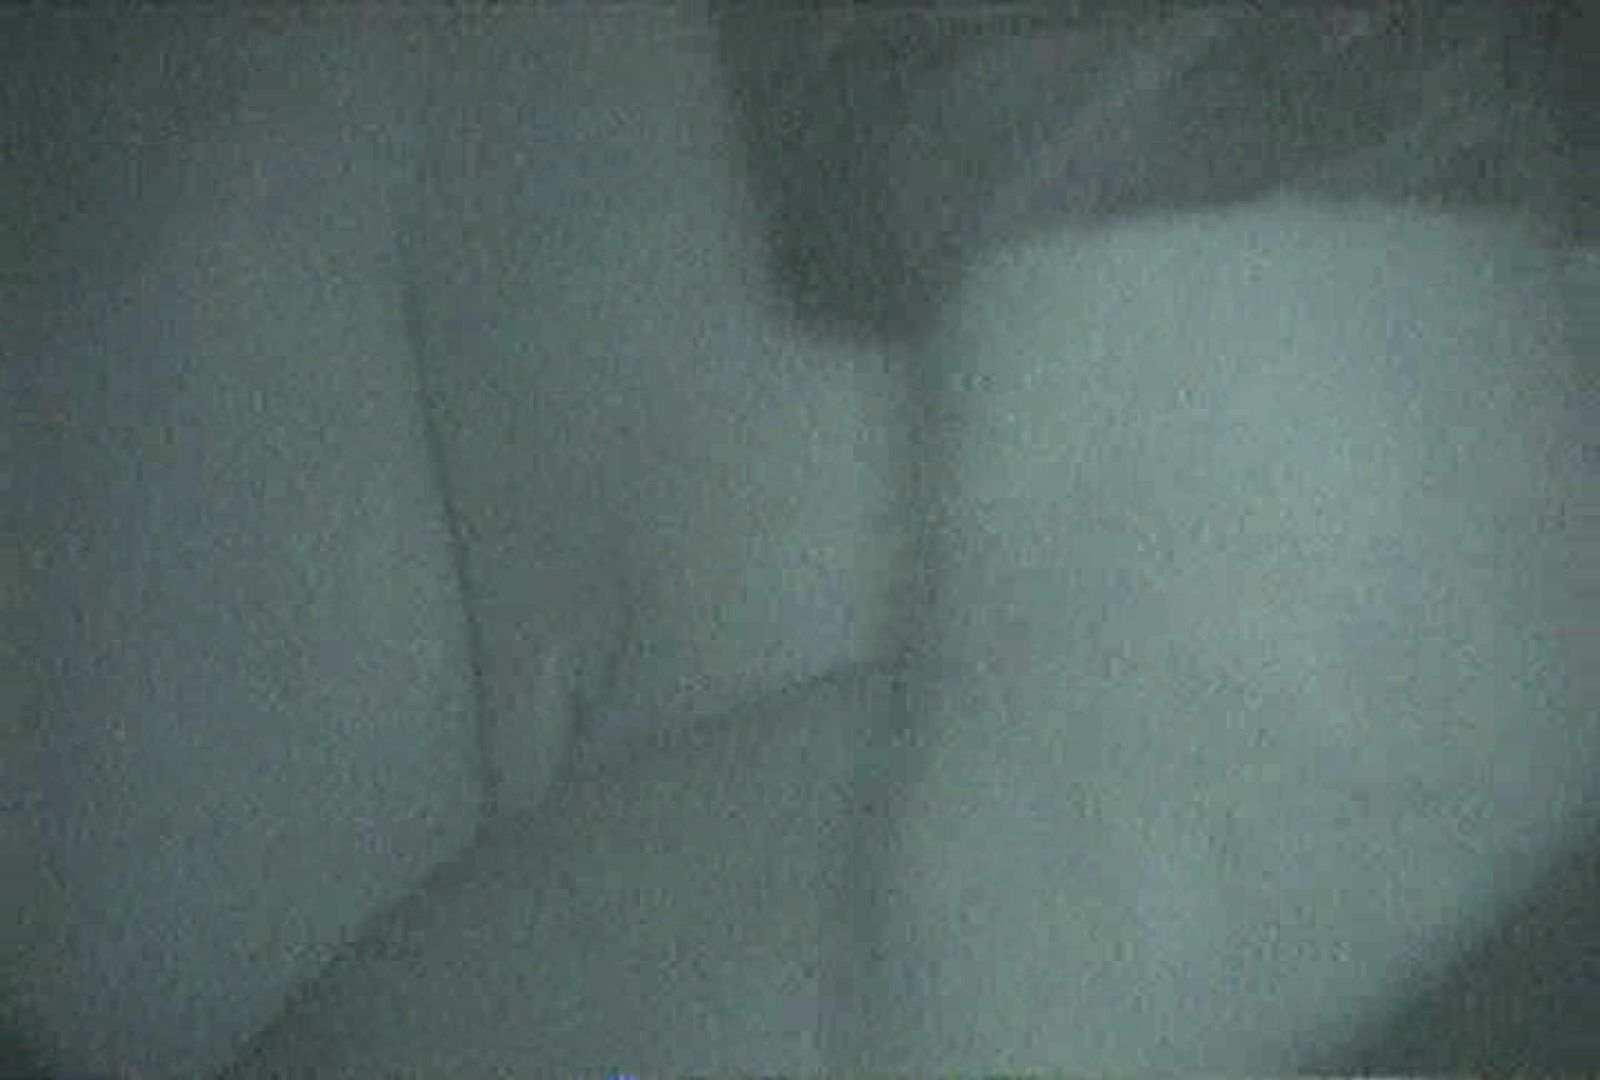 充血監督の深夜の運動会Vol.60 おまんこ おまんこ動画流出 90pic 26